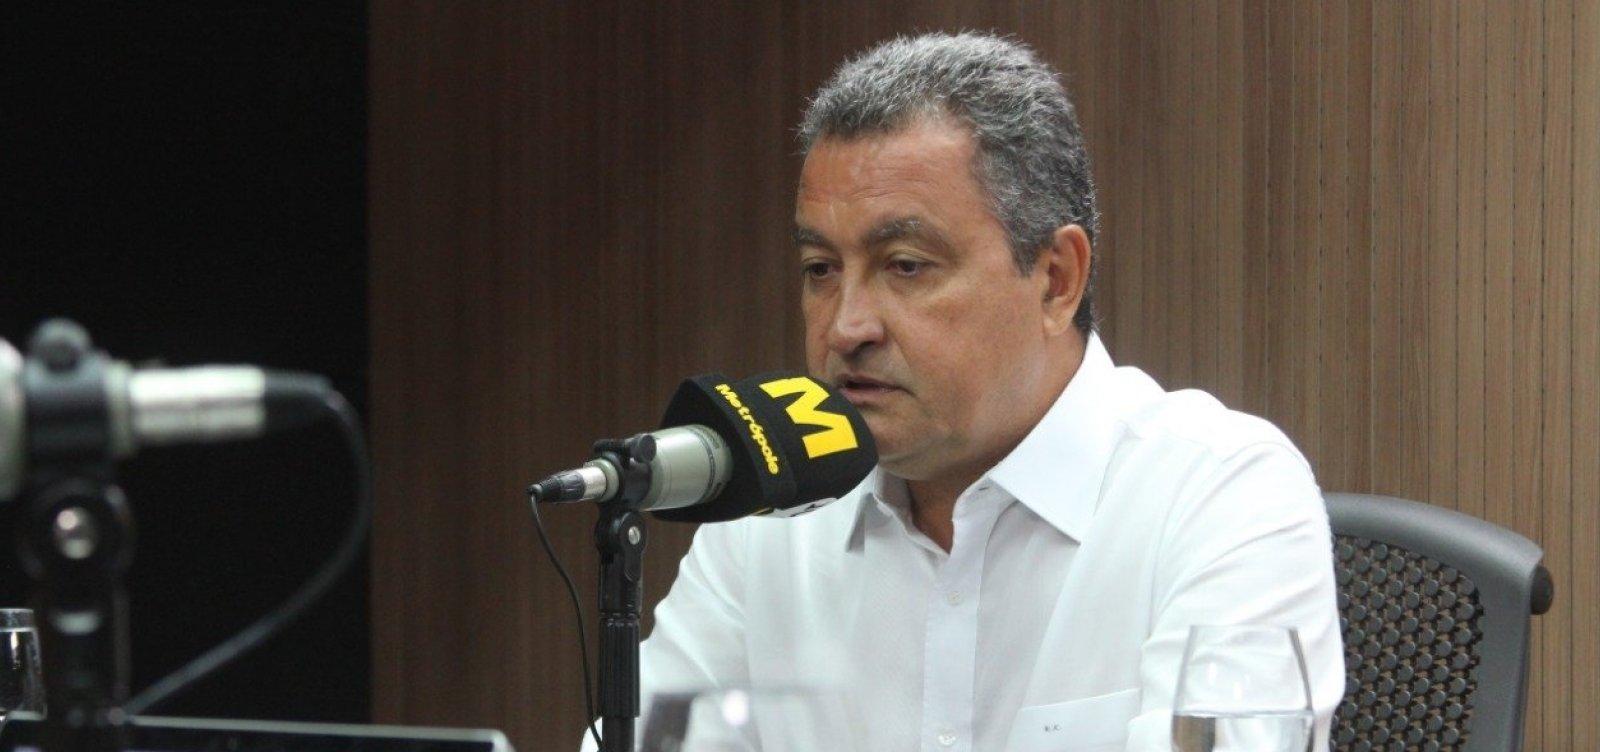 [Rui diz que 'causa repulsa' vídeo que Bolsonaro ensina criança a imitar arma com a mão]